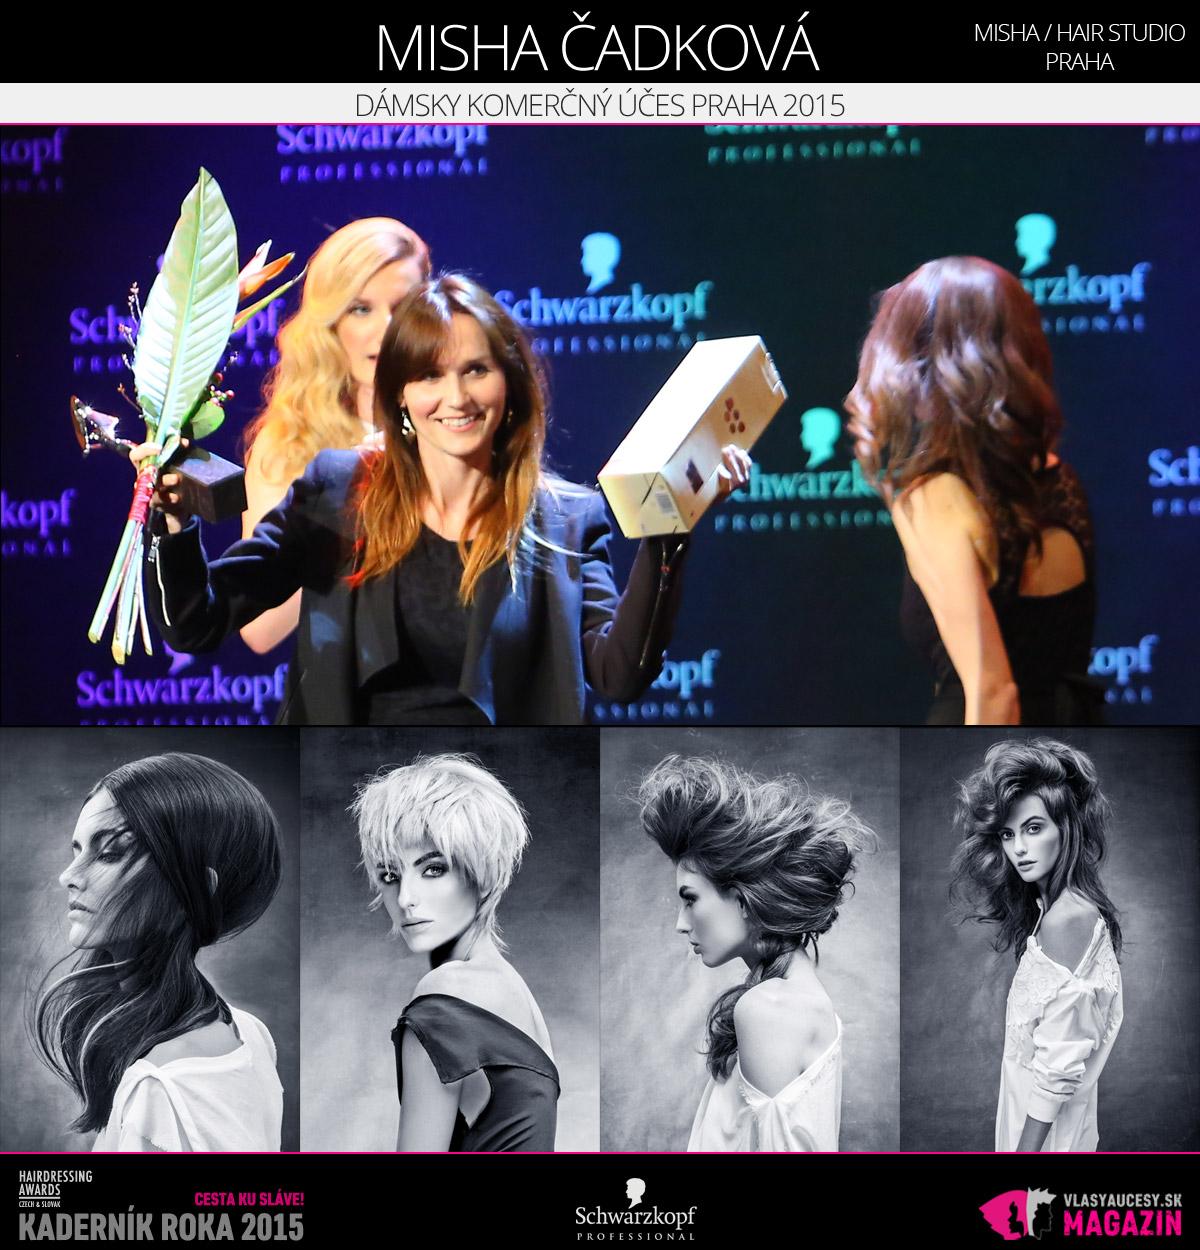 Víťazom v kategórii Dámsky komerčný účes Praha Czech and Slovak Hairdressing Awards 2015 je Misha Čadková z Misha / hair štúdio Praha.